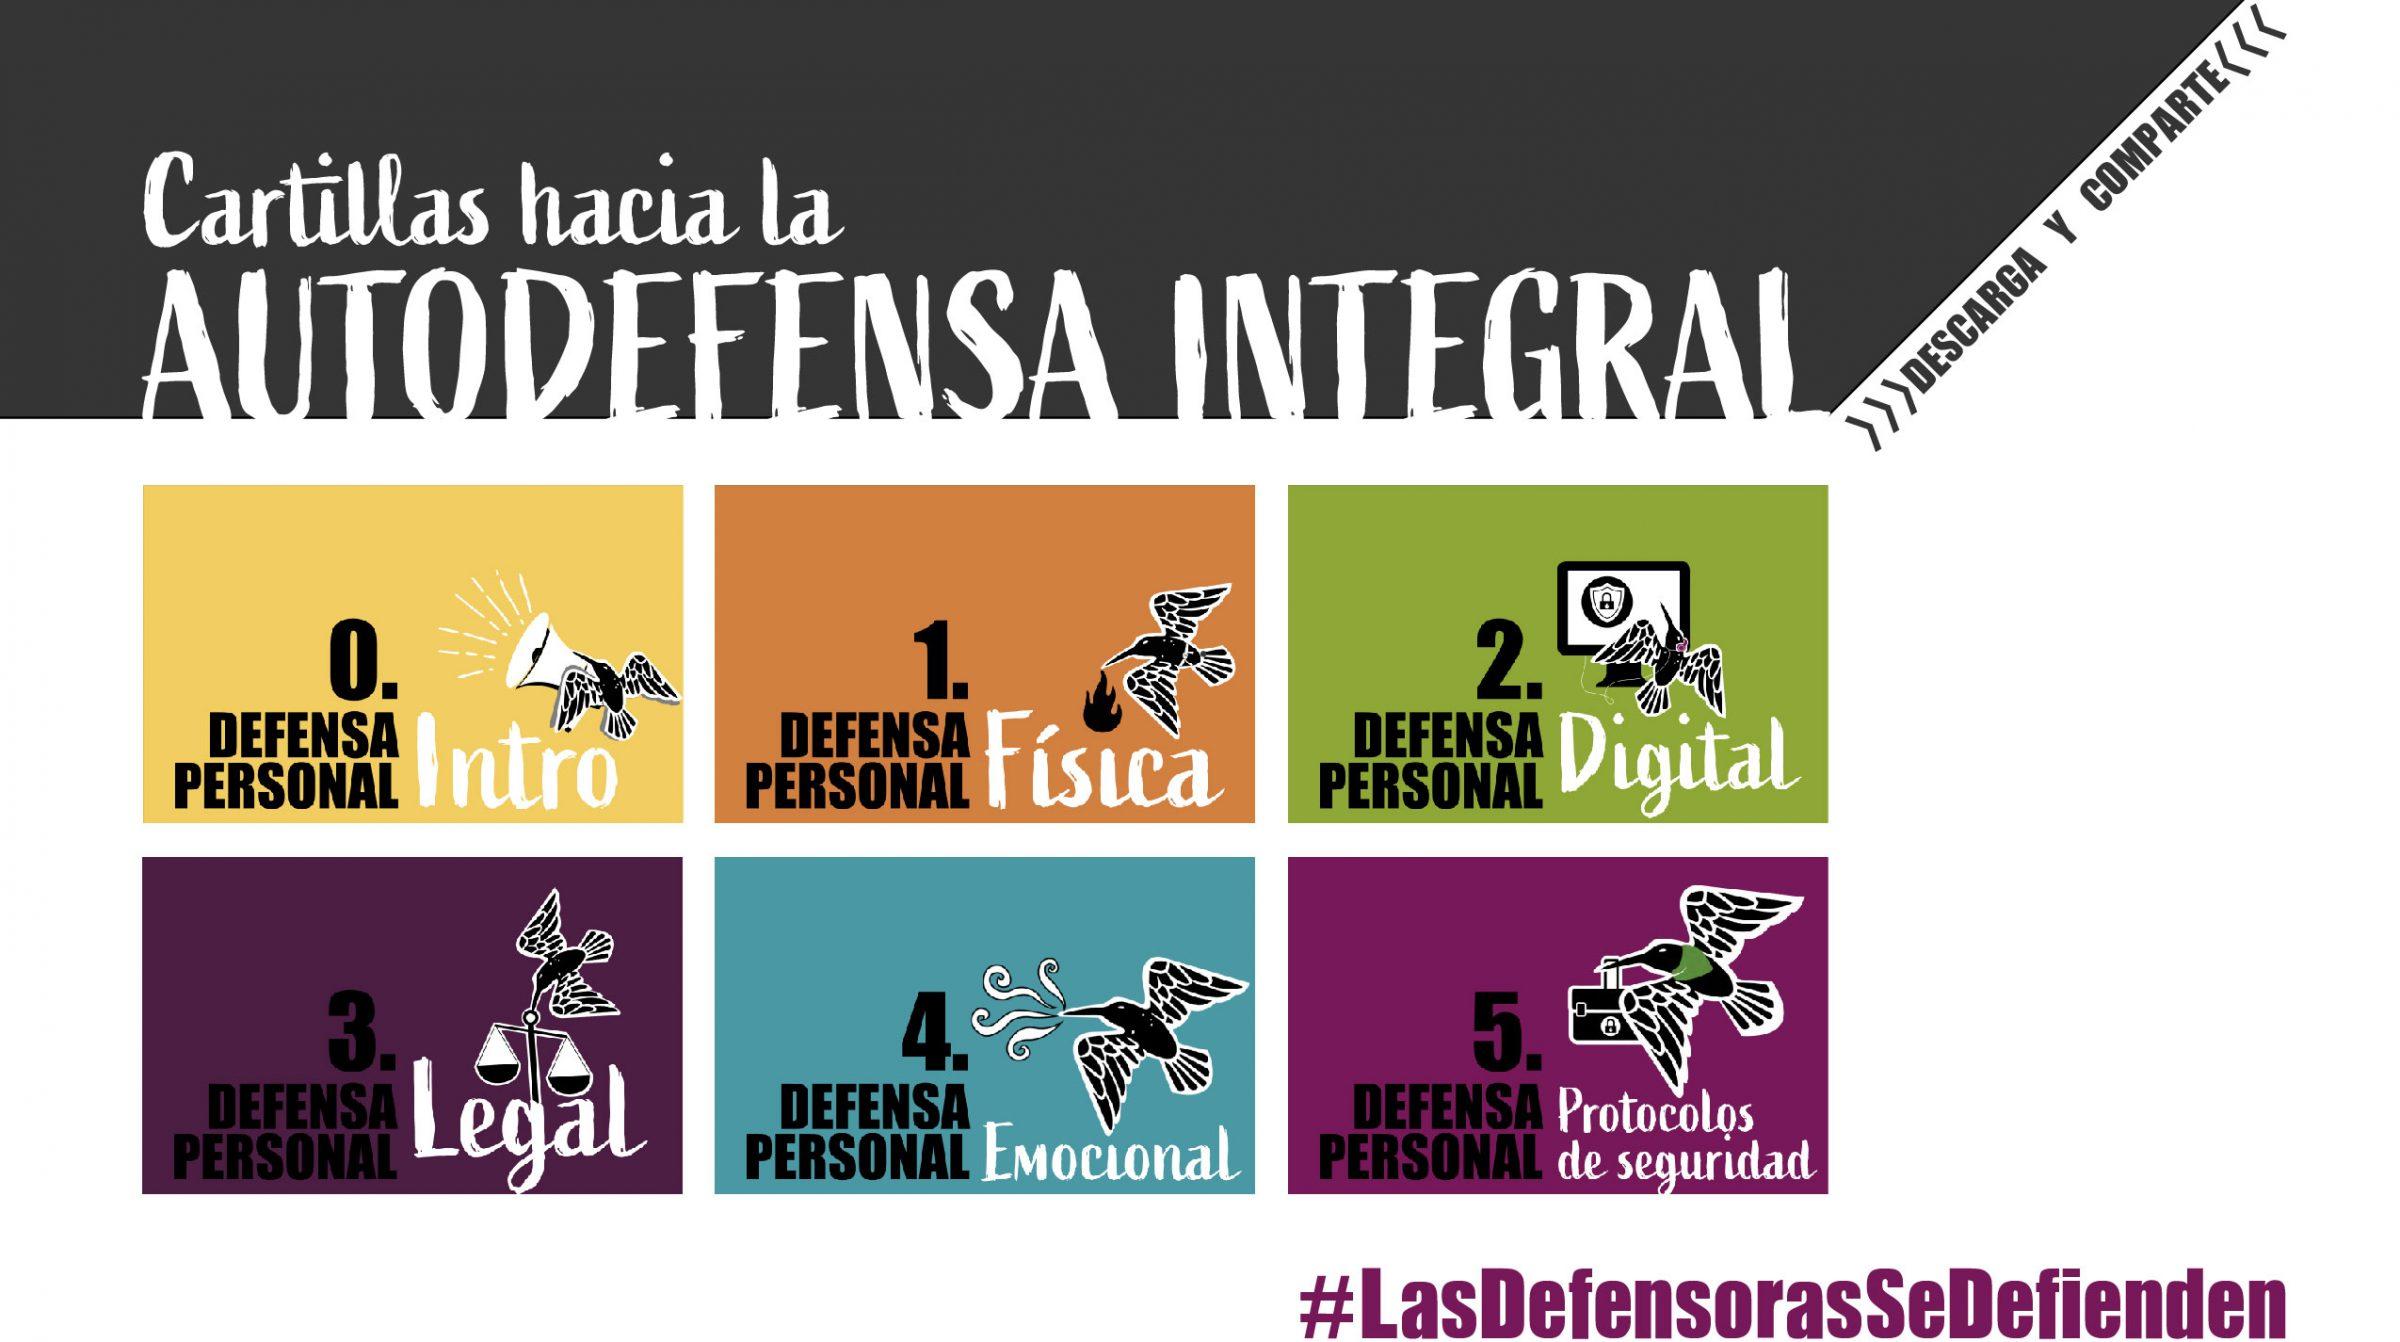 Cartillas hacia la autodefensa integral